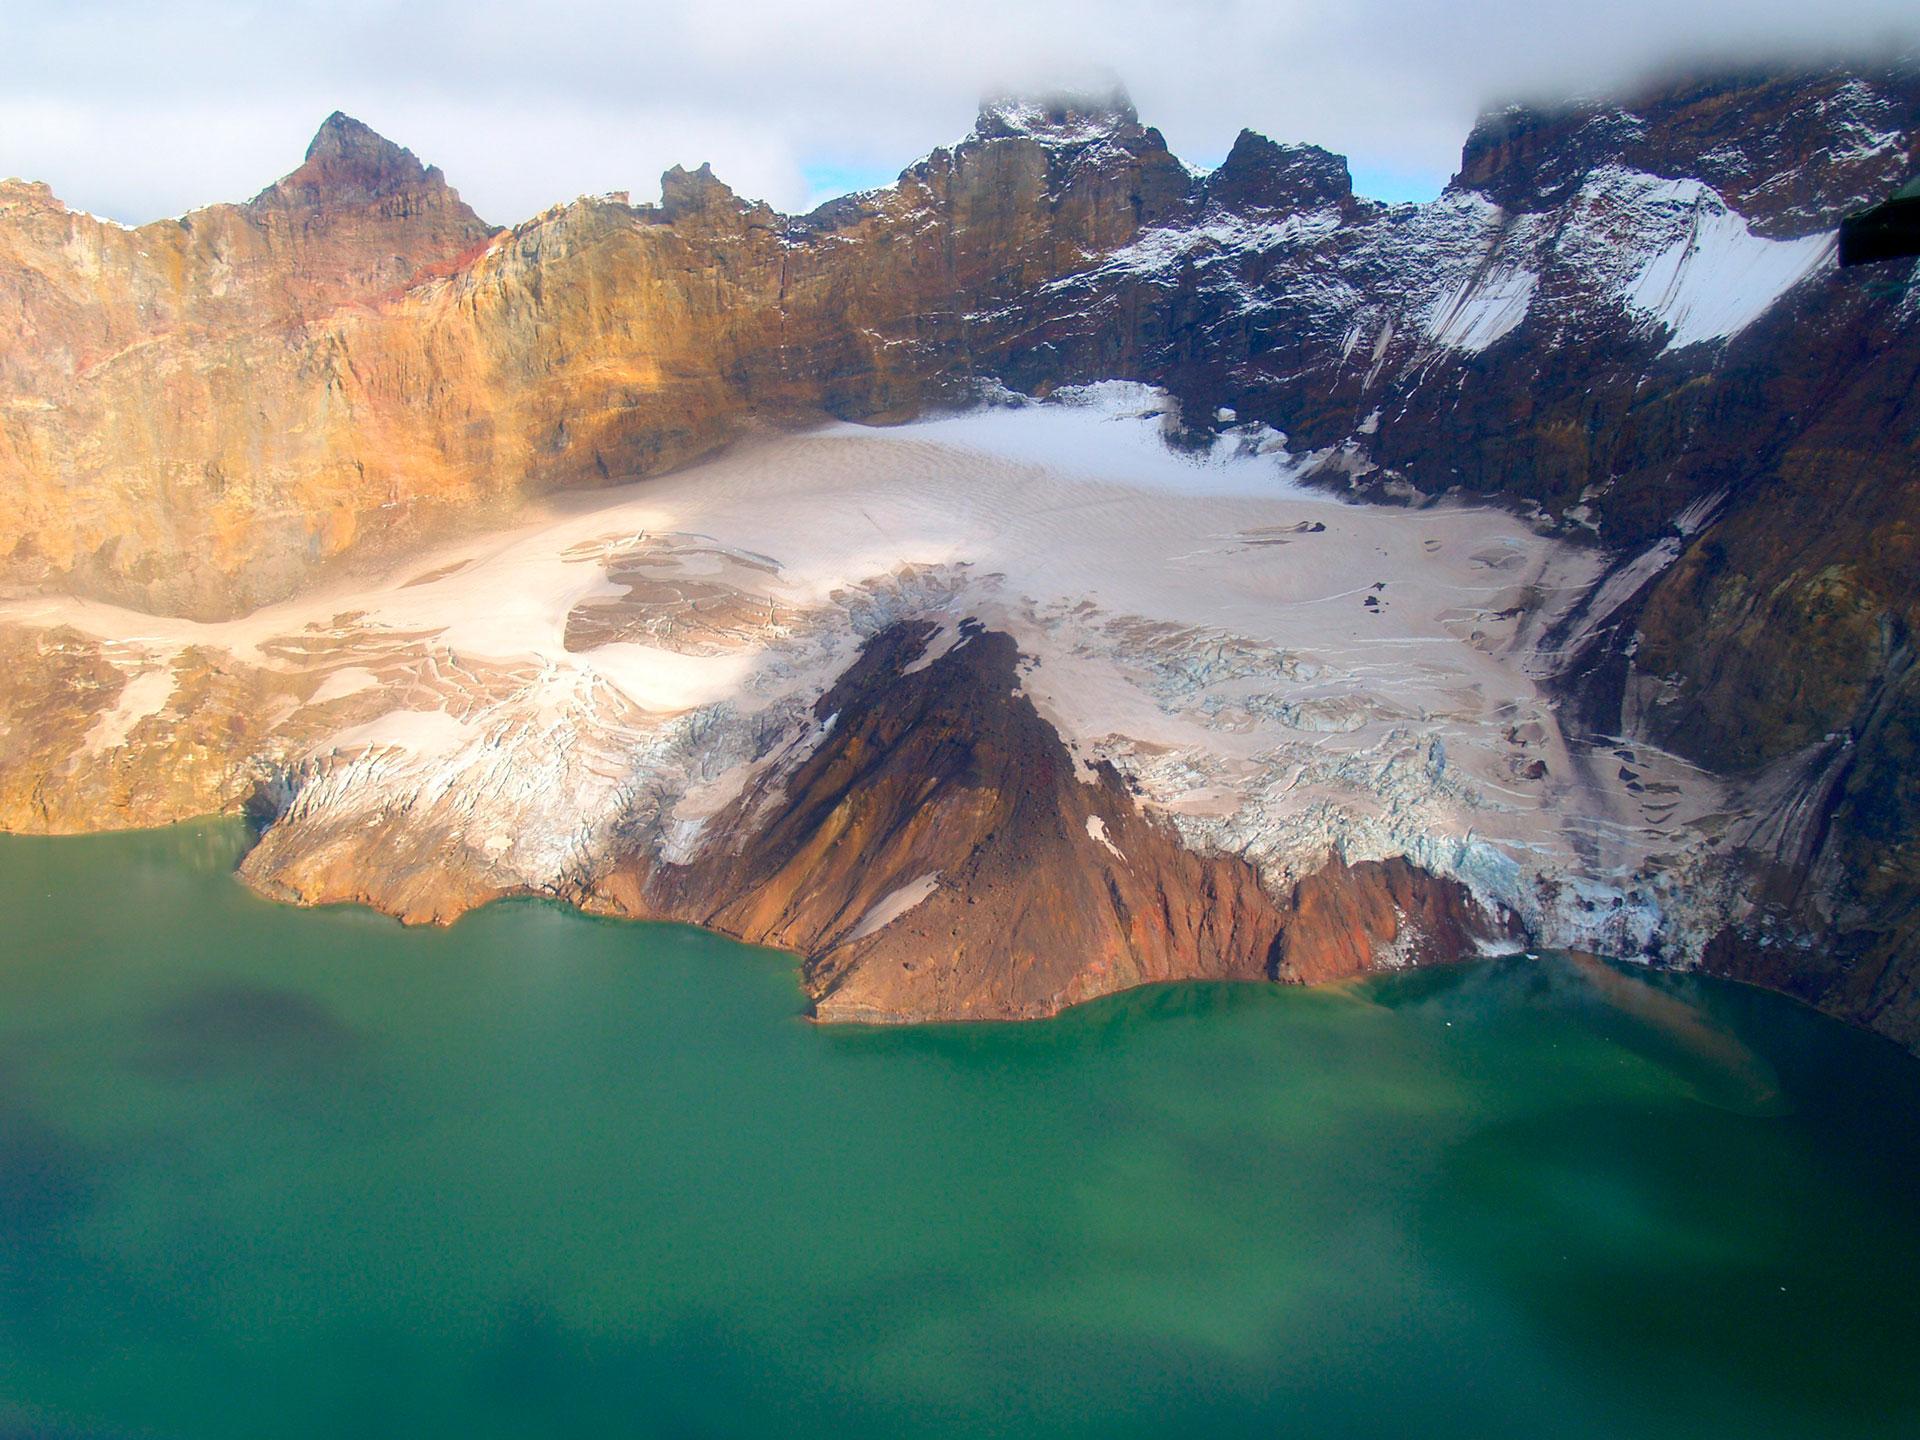 NOVARUPTA - ESTADOS UNIDOS: Flamante volcán que se formó en 1912, situado en la península de Alaska, en el Parque Nacional y Reserva Katmai